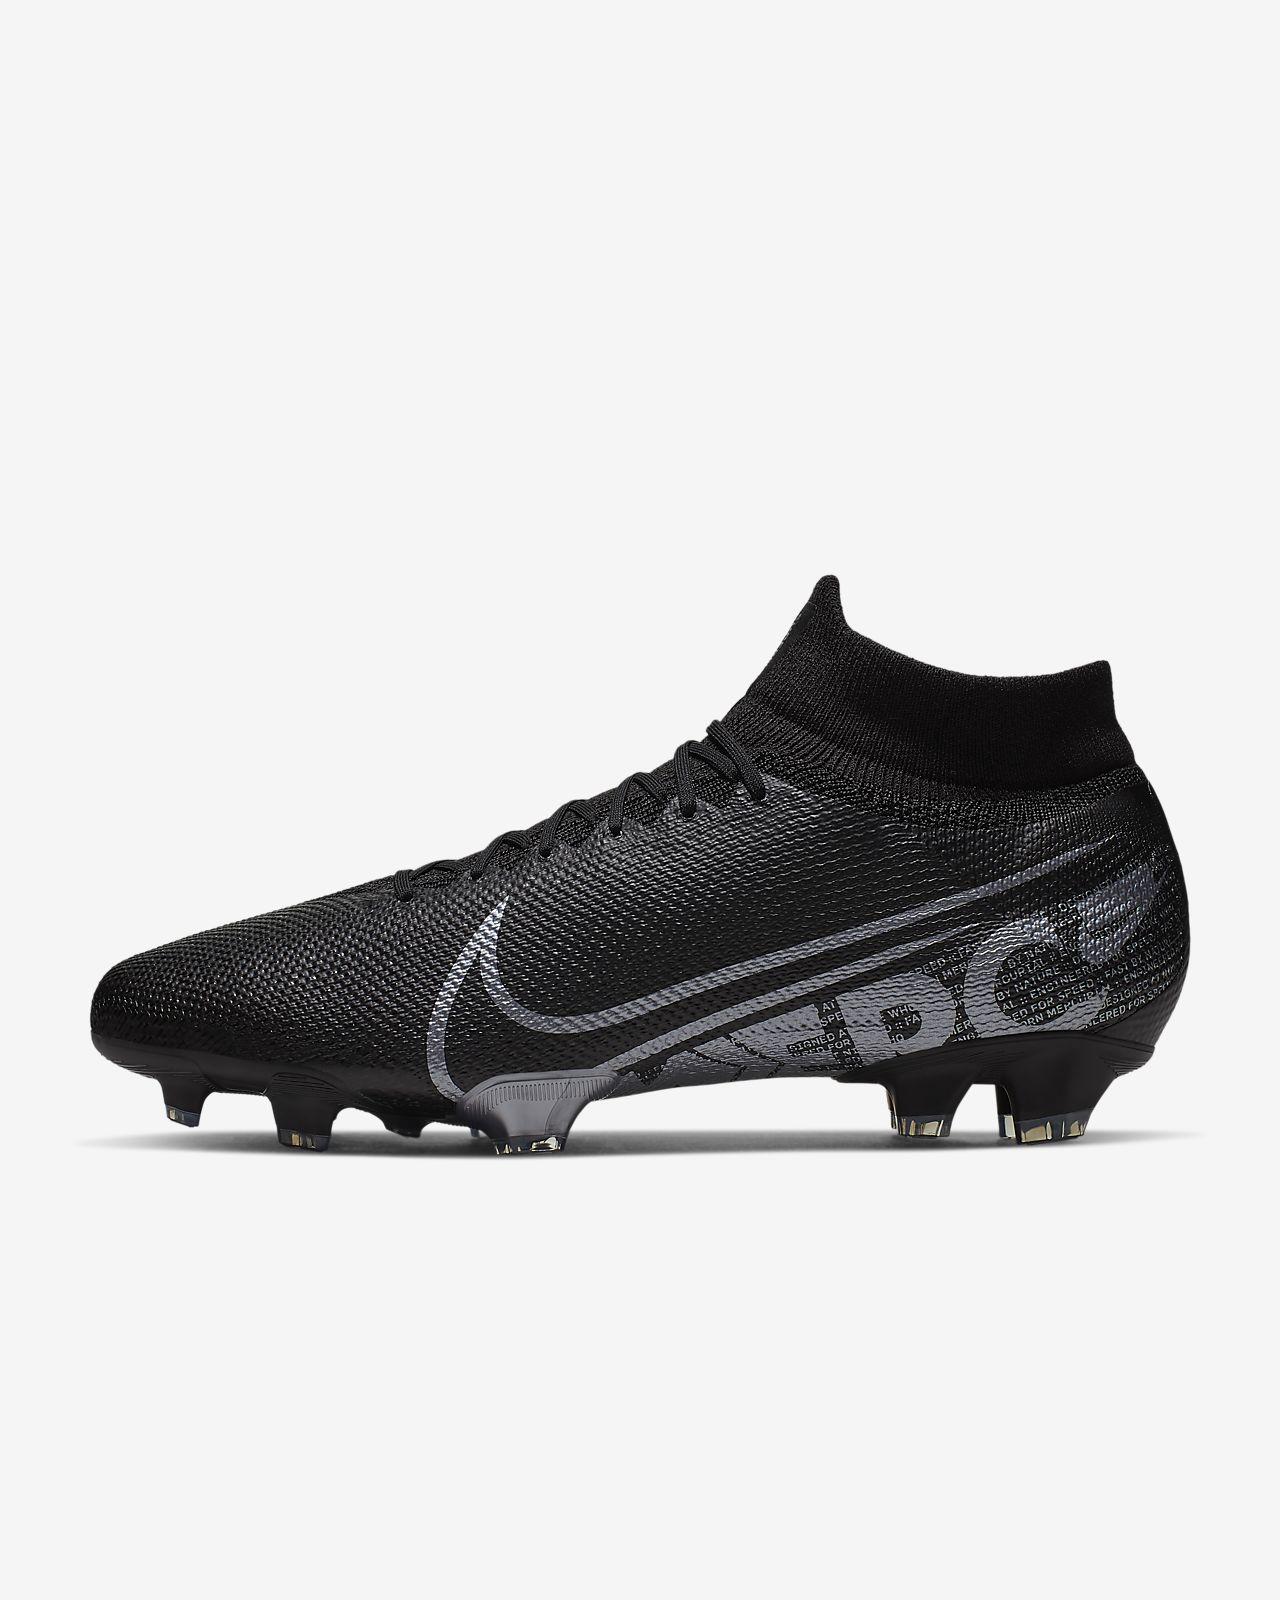 Nike Mercurial Superfly 7 Pro FG Voetbalschoen (stevige ondergrond)